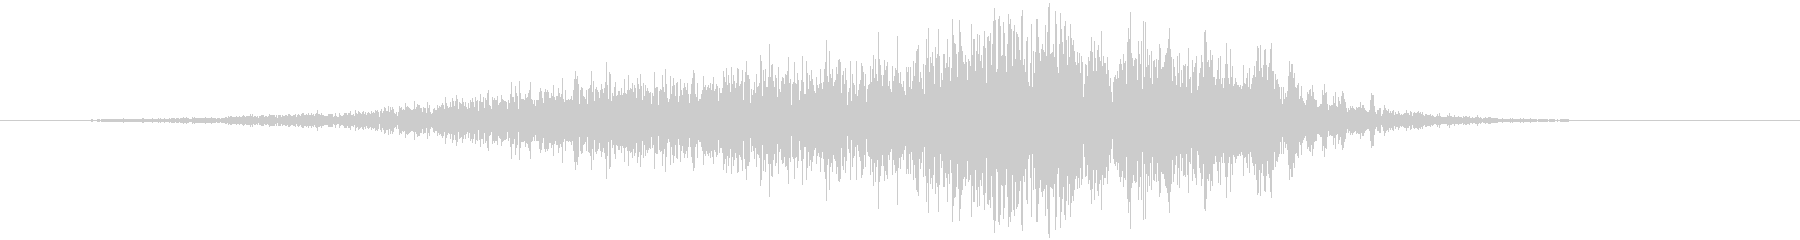 ZipQuick EC02_90_5の未再生の波形